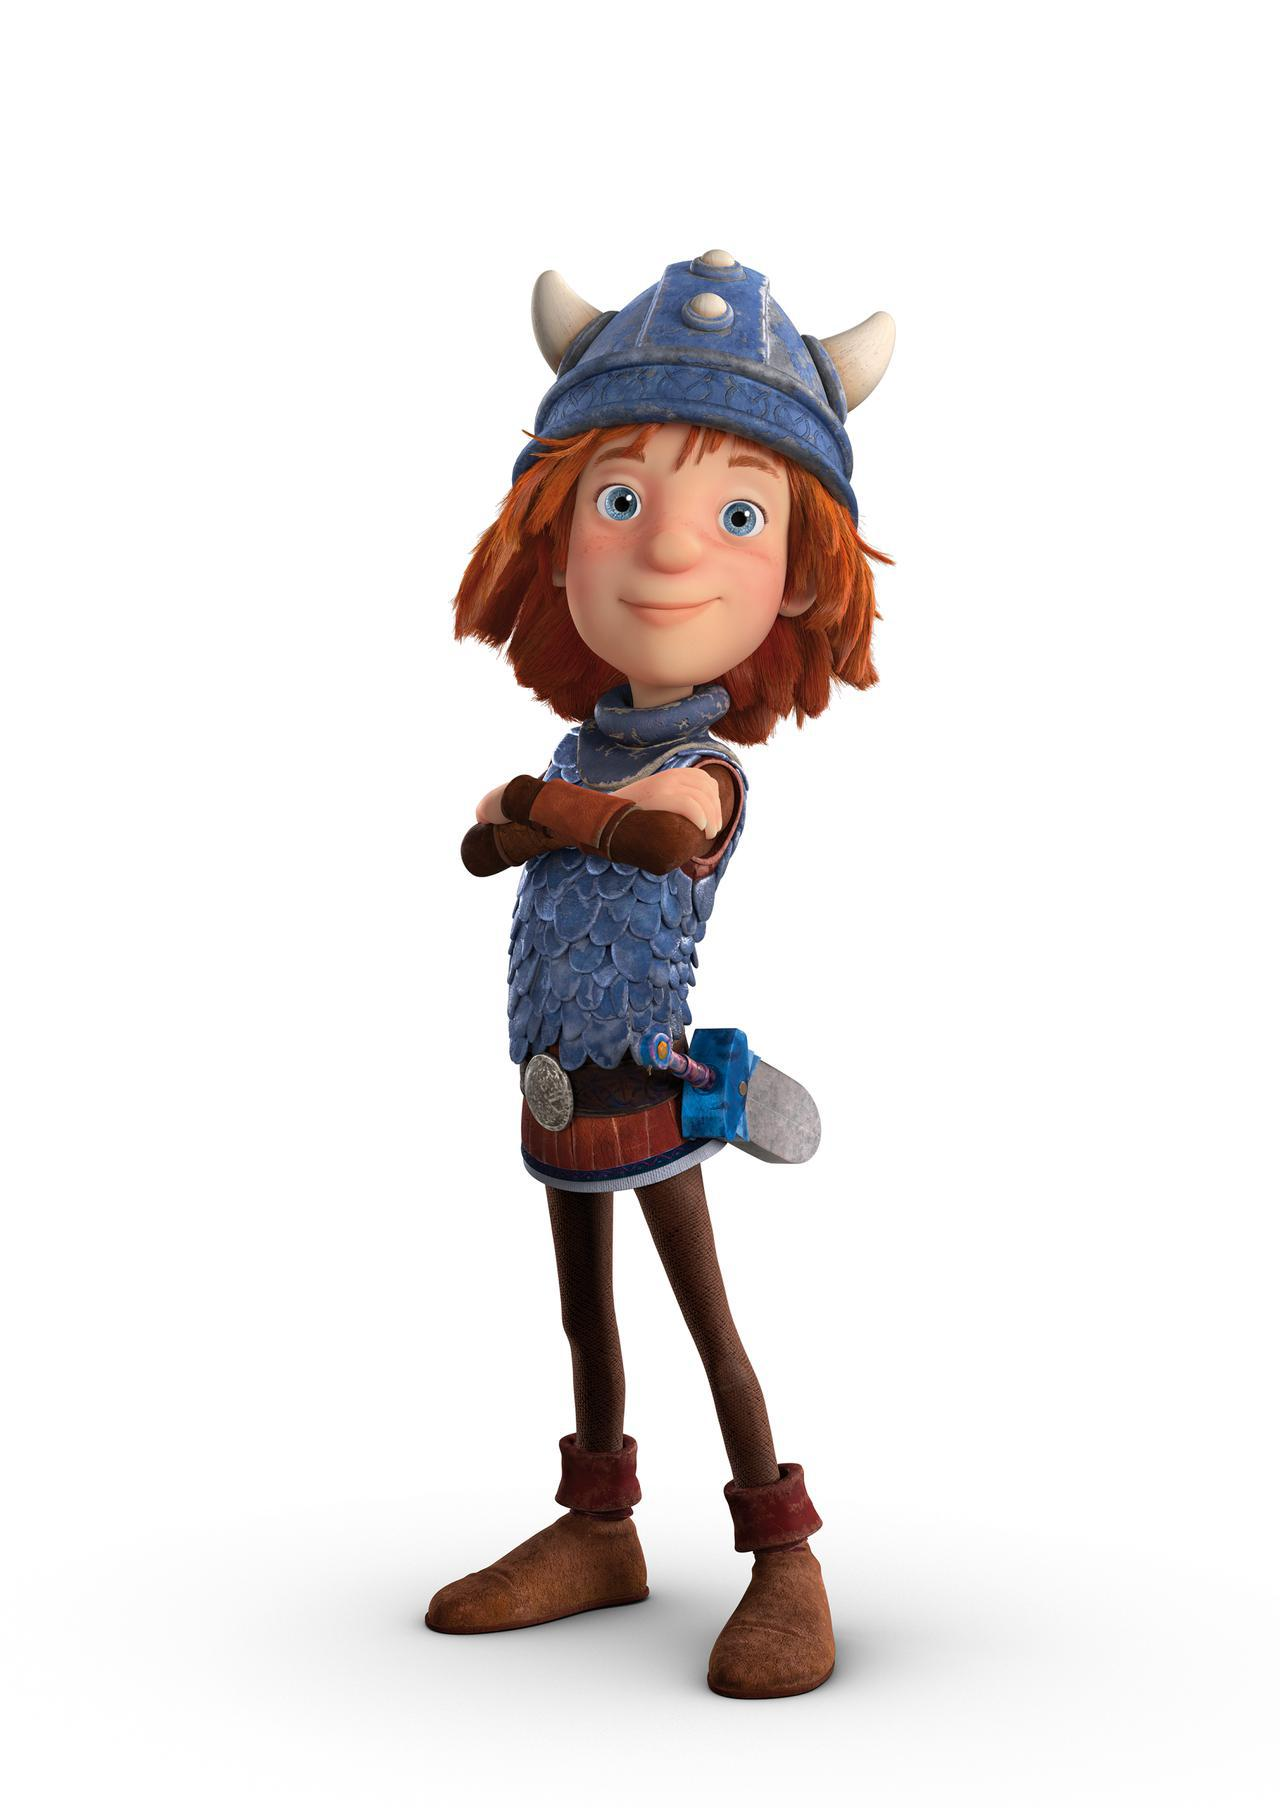 画像: 伊藤沙莉が演じるのは、勇敢な海賊の息子・ビッケ © 2019 Studio 100 Animation–Studio 100 Media GmbH–Belvision